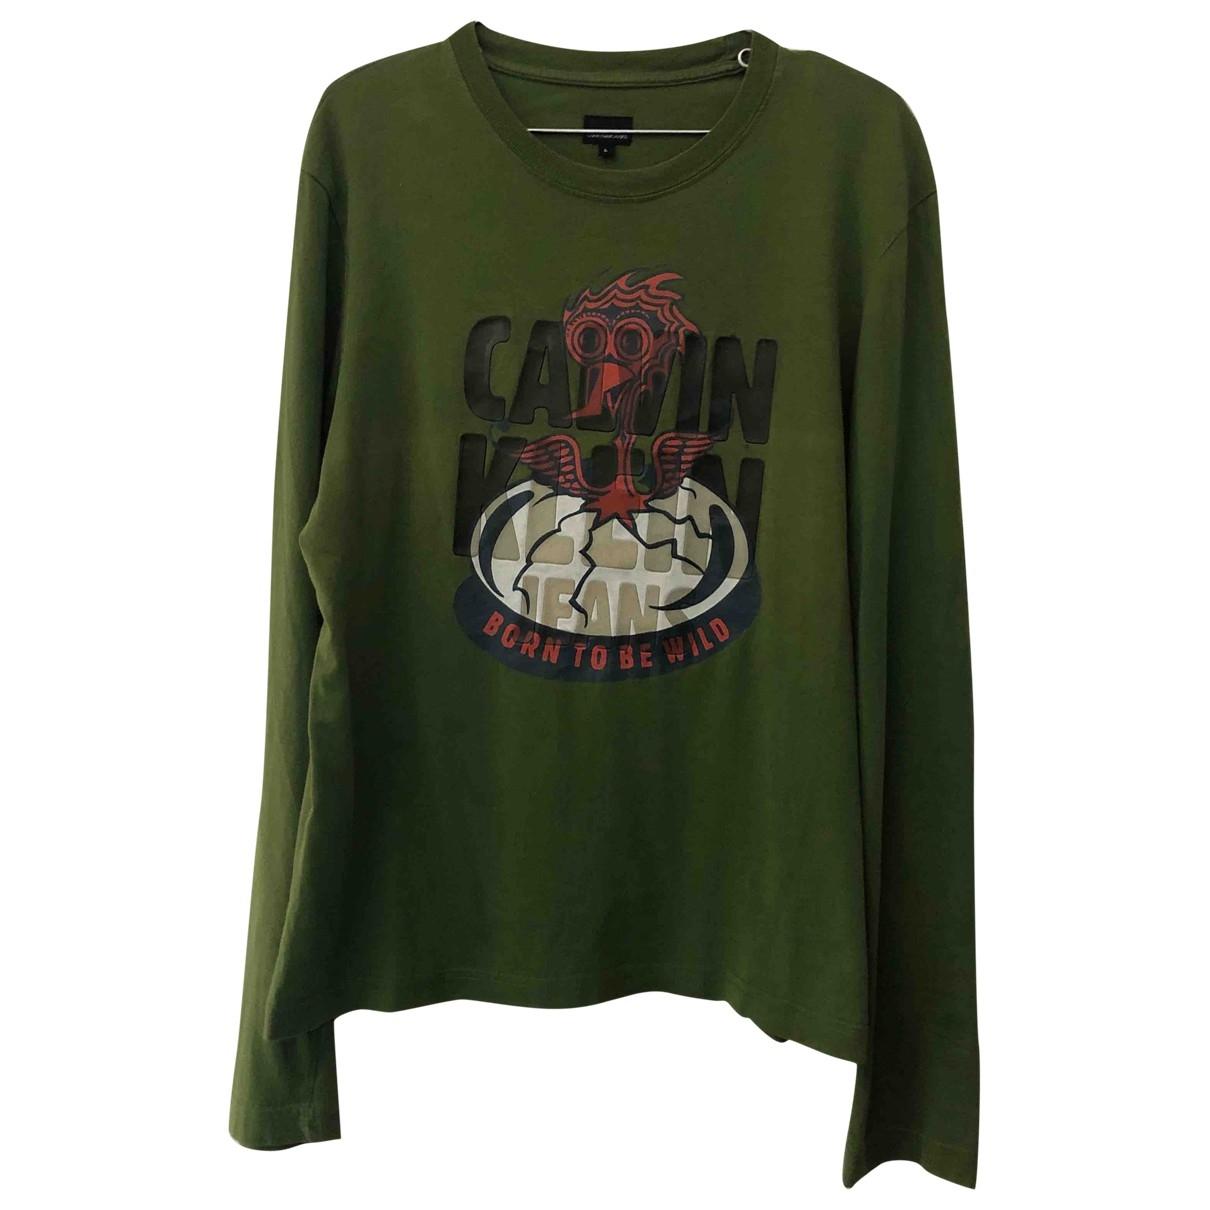 Calvin Klein - Tee shirts   pour homme en coton - vert